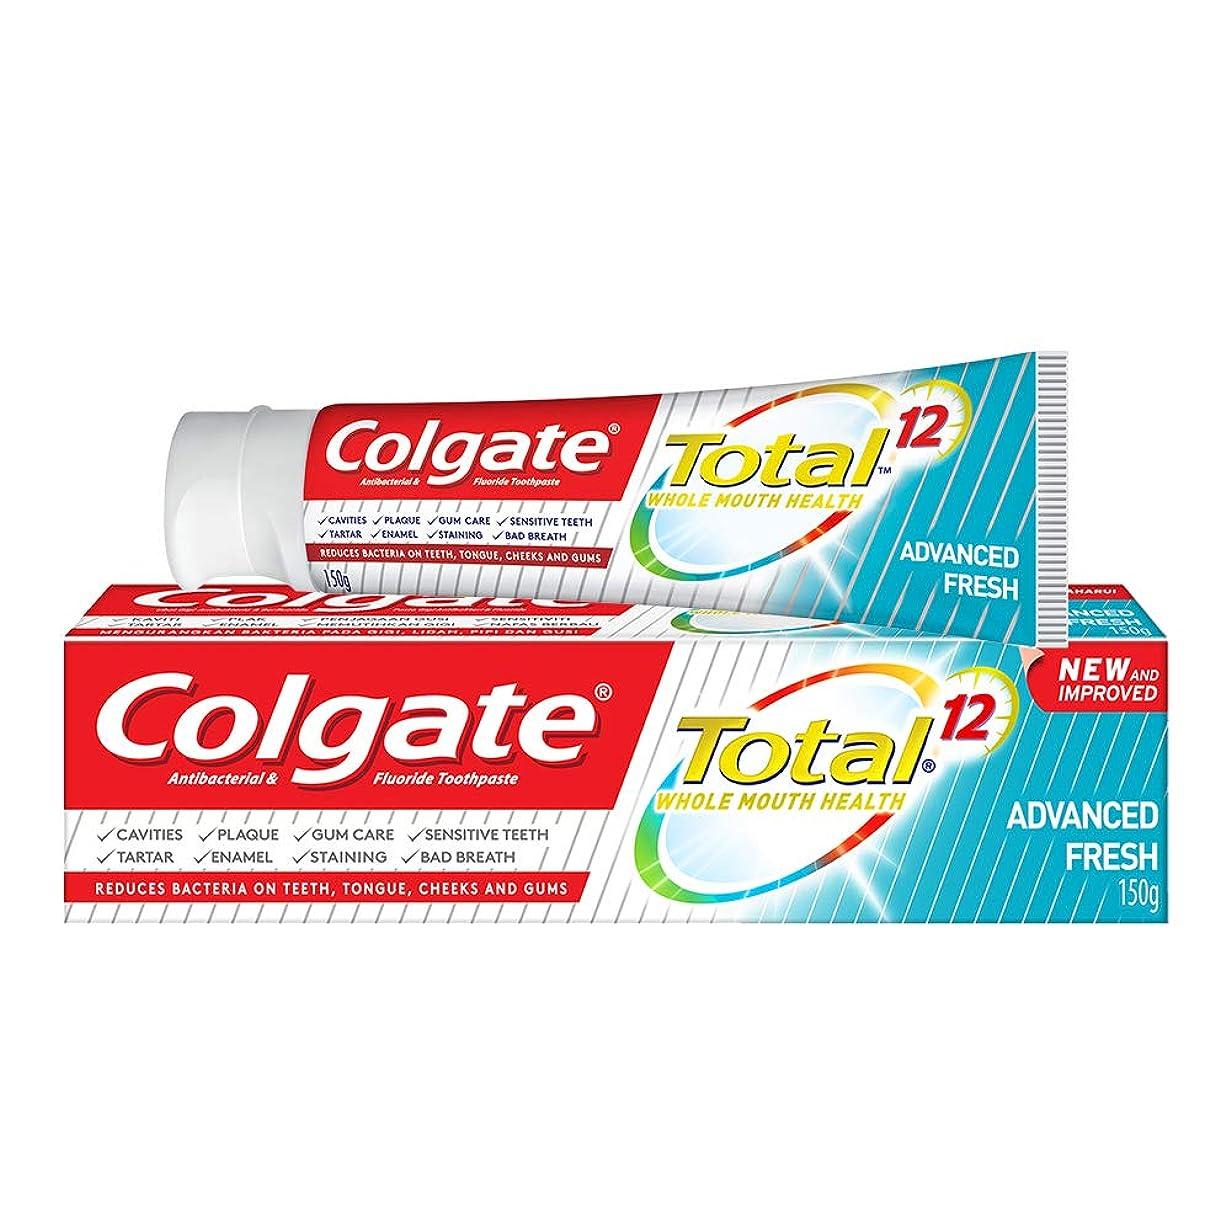 サーフィン本序文Colgate コルゲート トータル トゥースペースト 150g (歯磨き粉) 【歯磨き粉、虫歯予防、アメリカン雑貨】